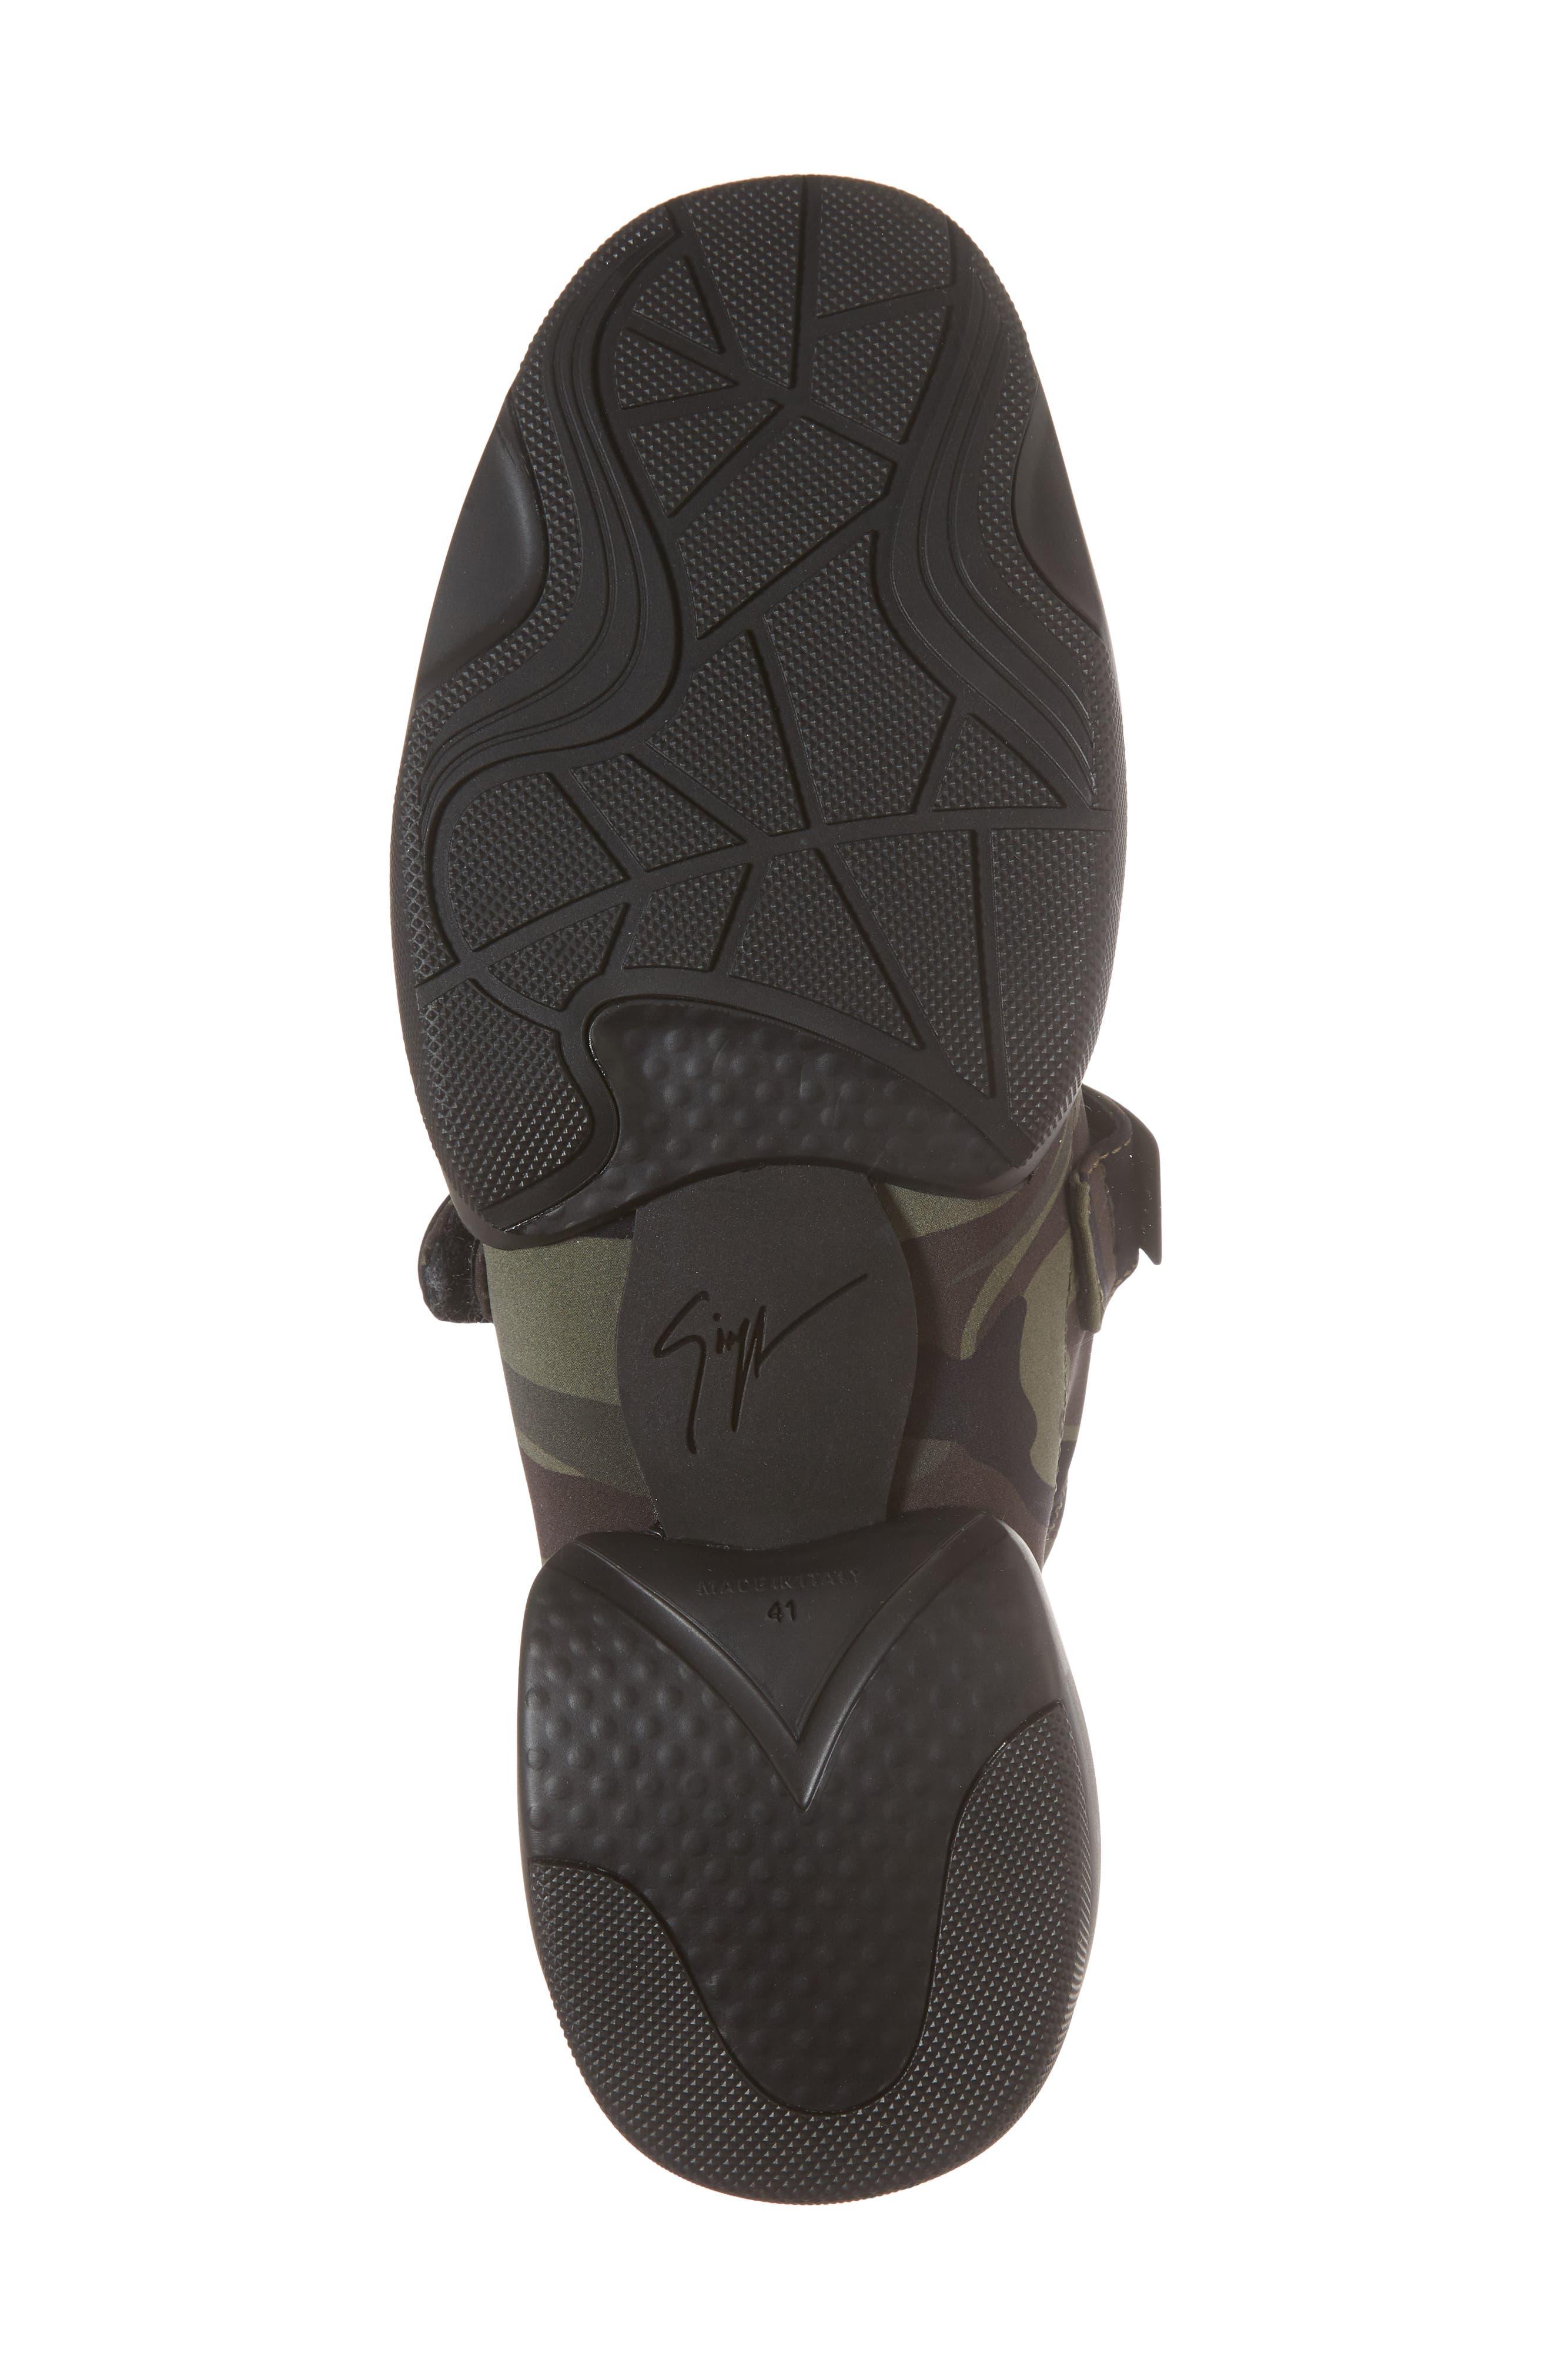 Scuba Strap Sneaker,                             Alternate thumbnail 6, color,                             Military Neoprene